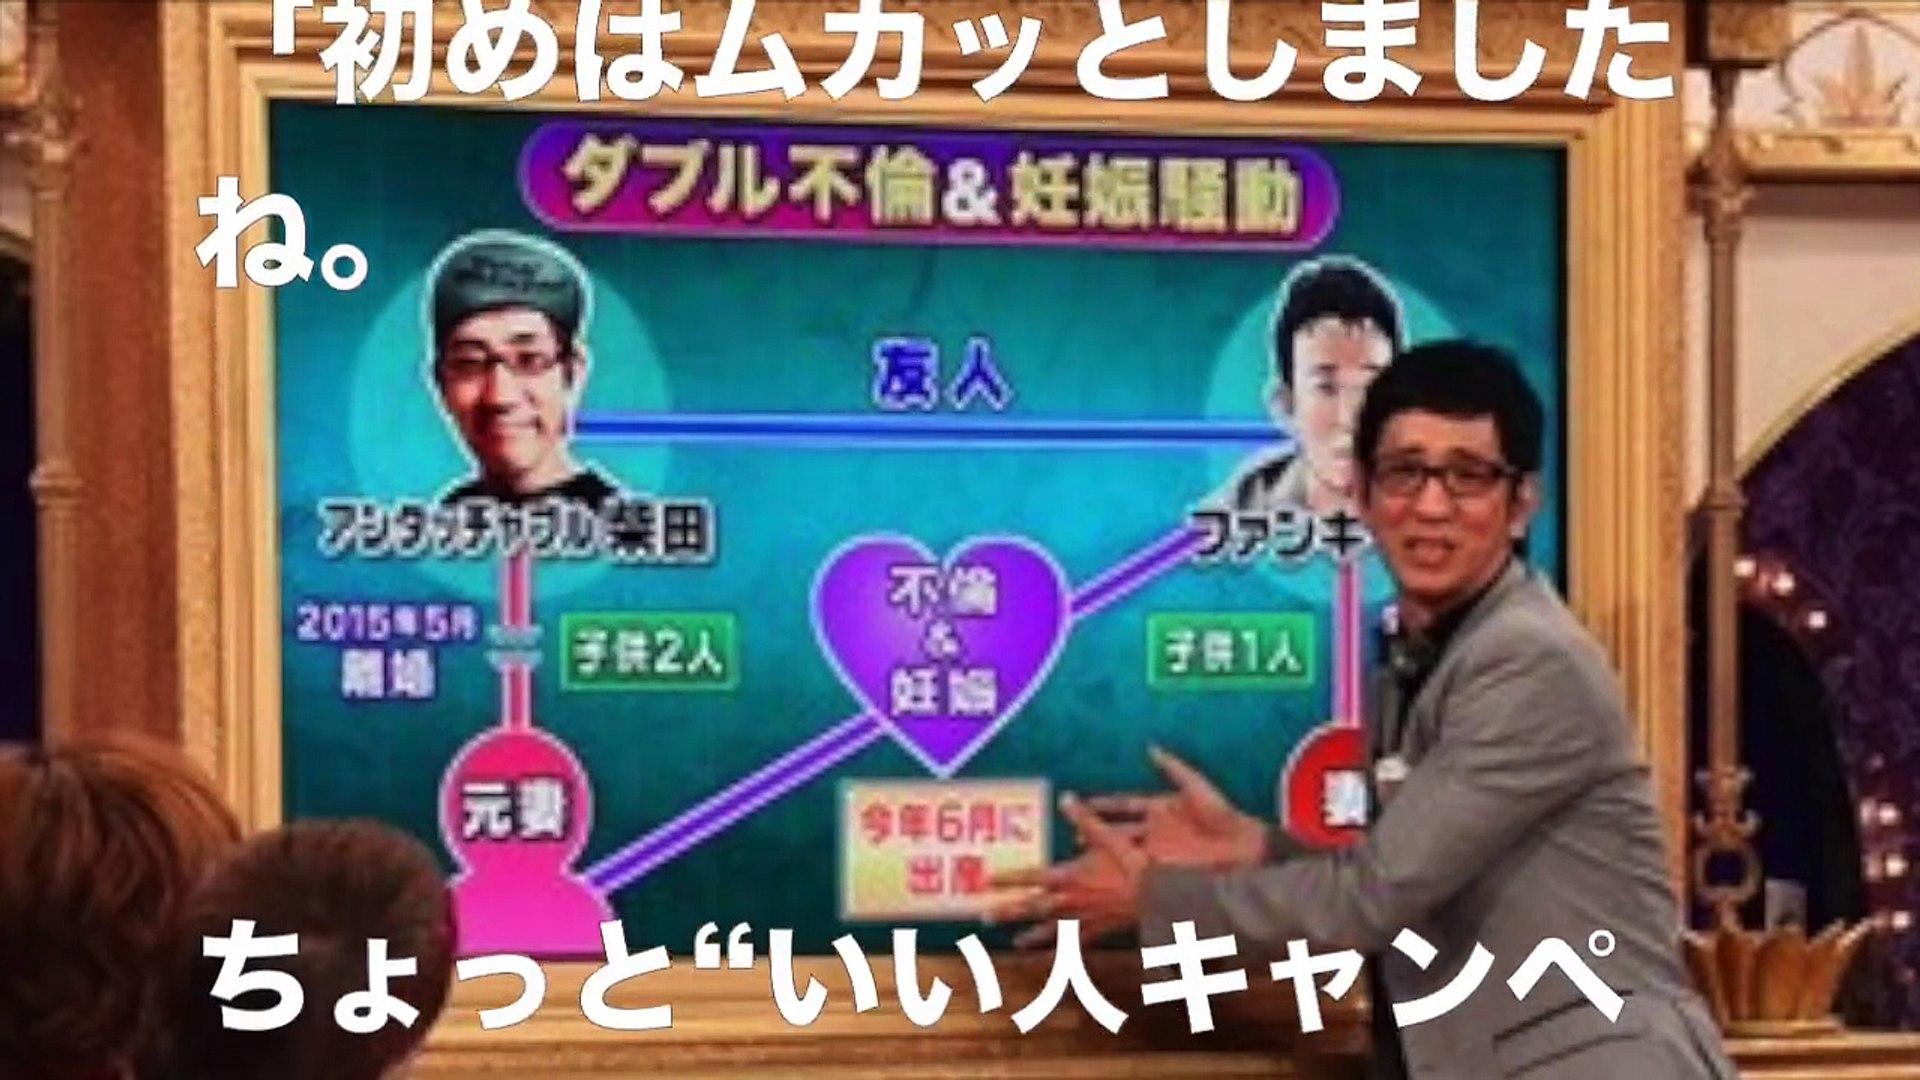 柴田 事件 アンタッチャブル